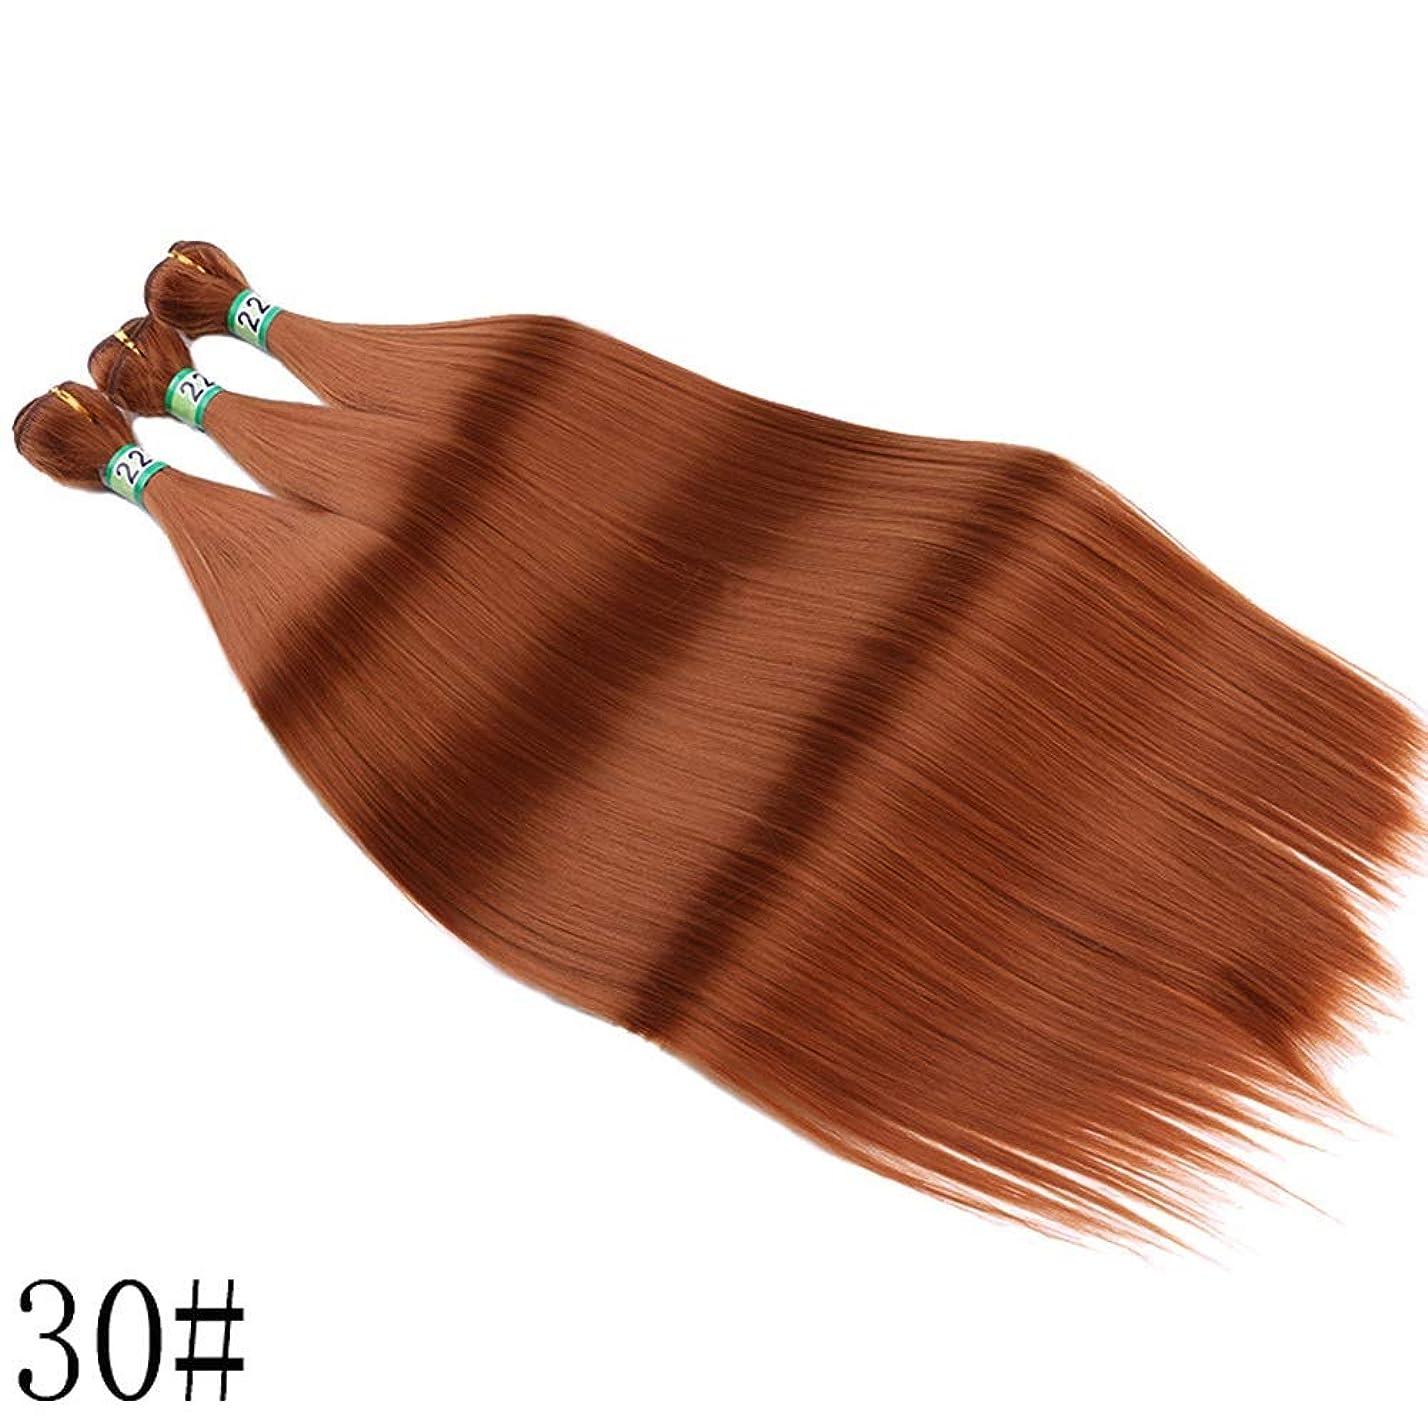 望遠鏡小麦粉縞模様のHOHYLLYA 3バンドル合成髪織りヘアエクステンション女性のための耐熱性繊維シルキーストレートヘアコンポジットヘアレースかつらロールプレイングウィッグロングとショート女性自然 (色 : ブラウン, サイズ : 14inch)